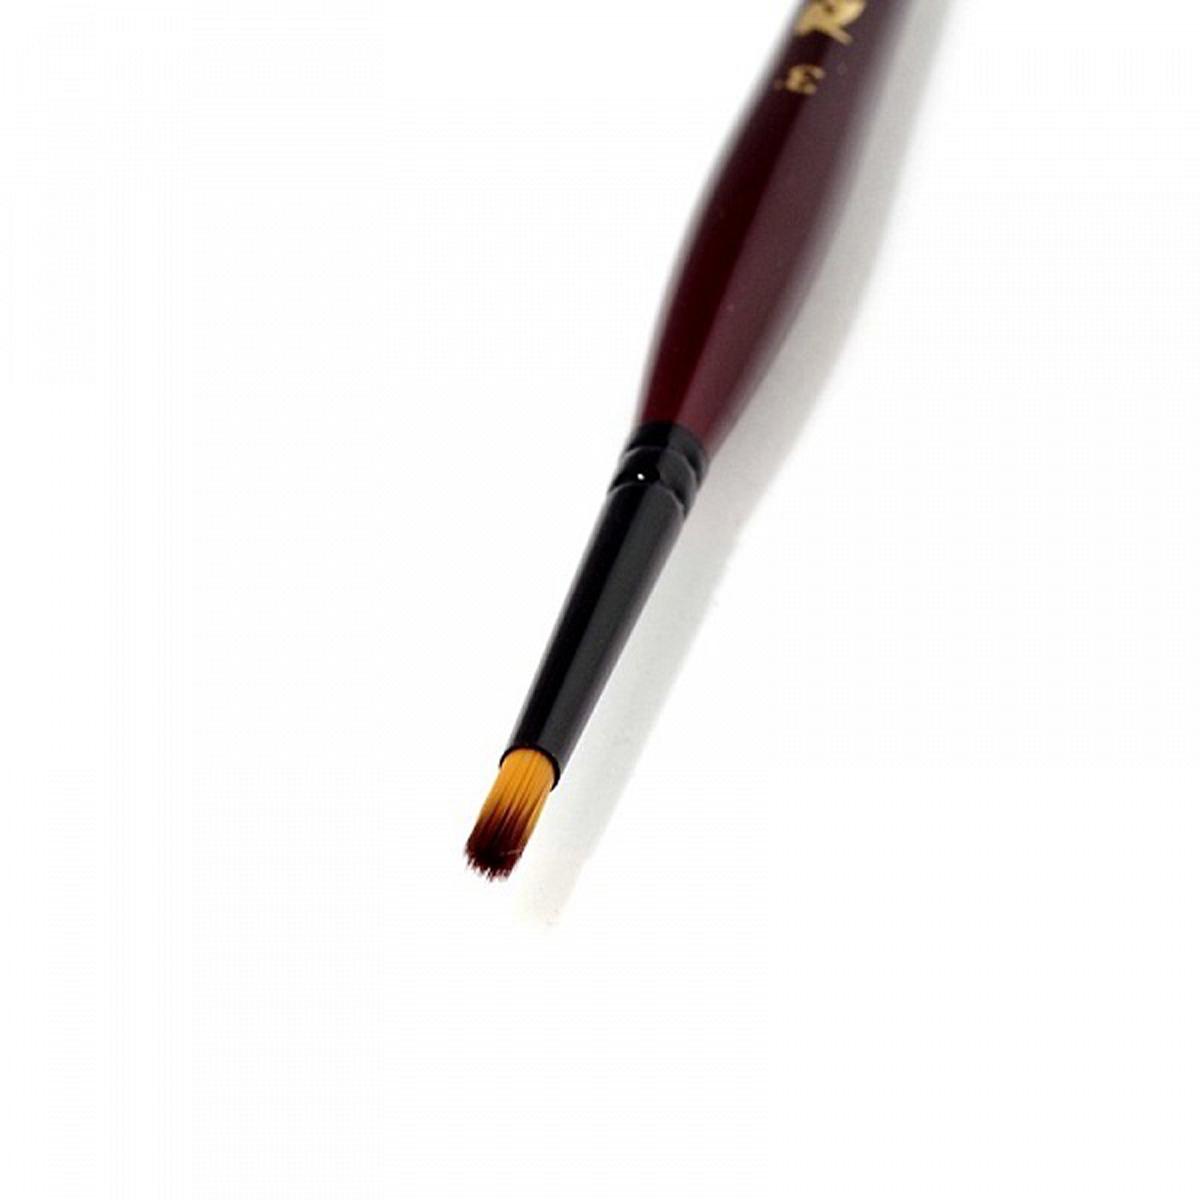 Roubloff Кисть 04RB синтетика круглая № 5Ж04-05,0RBКисть Трафаретная - визуально похожа на традиционную трафаретную кисть, но выполнена из синтетики на короткой красной фигурной ручке.